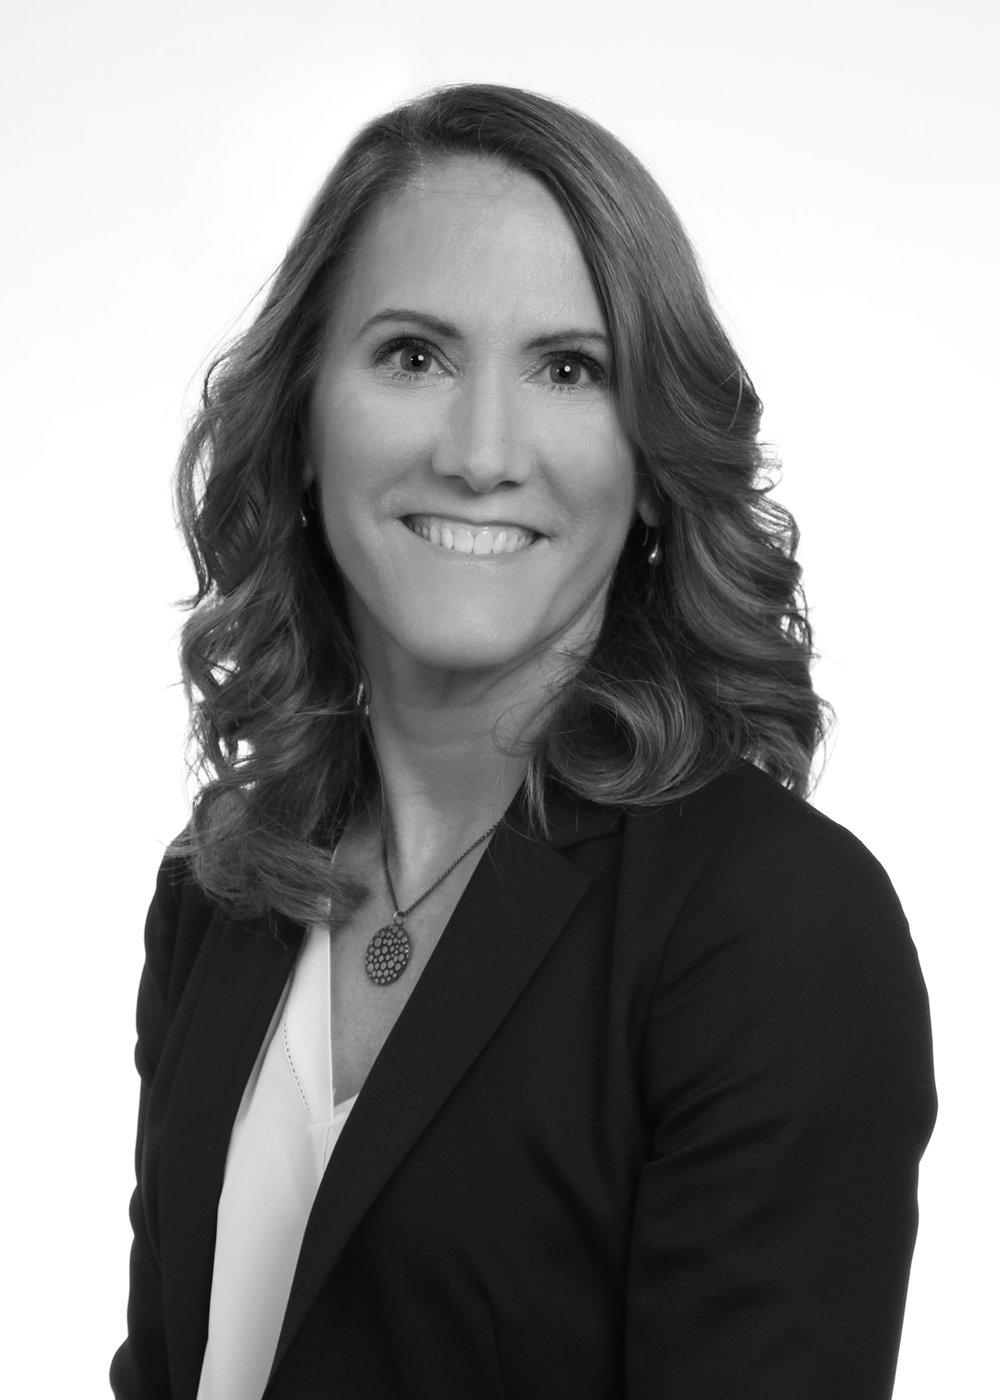 Kim Andrews, CFO